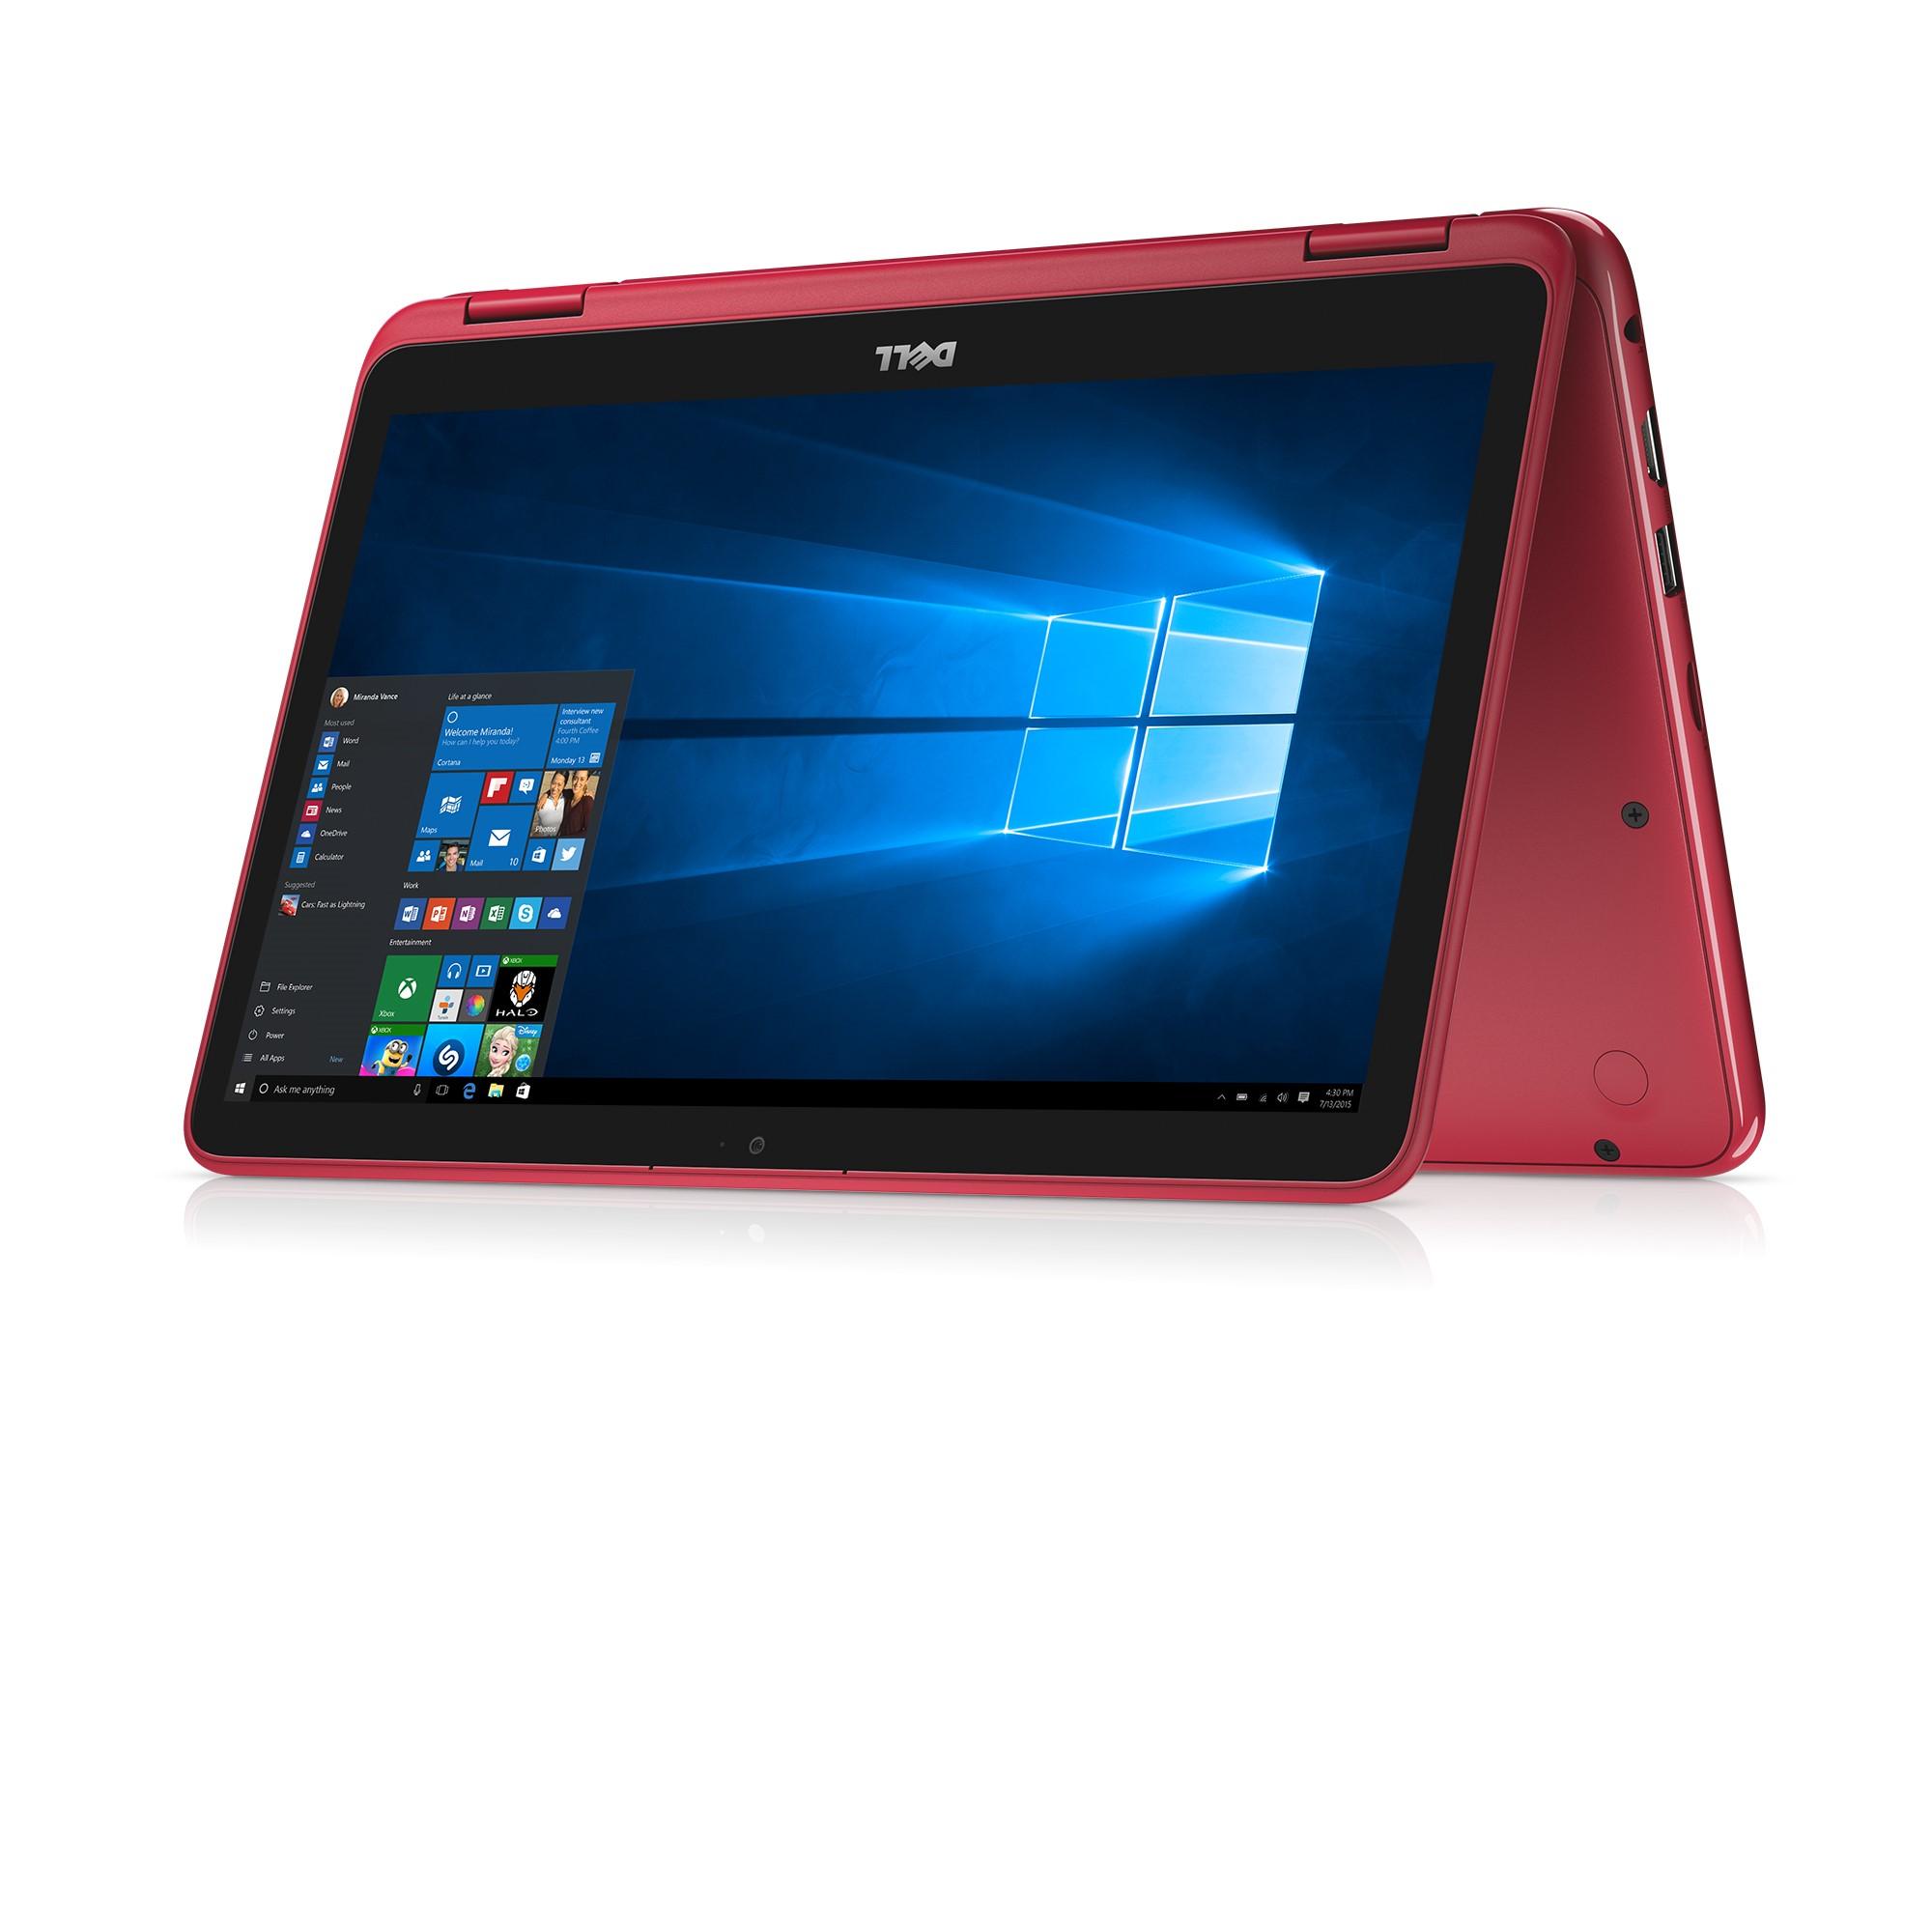 """Dell Inspiron 11 3000 11.6"""" HD 2-in-1 Laptop, AMD A6-9220e, 4GB 2400MHz DDR4, 32GB eMMC Storage, Windows 10 - Grey - I3185A760GRY"""